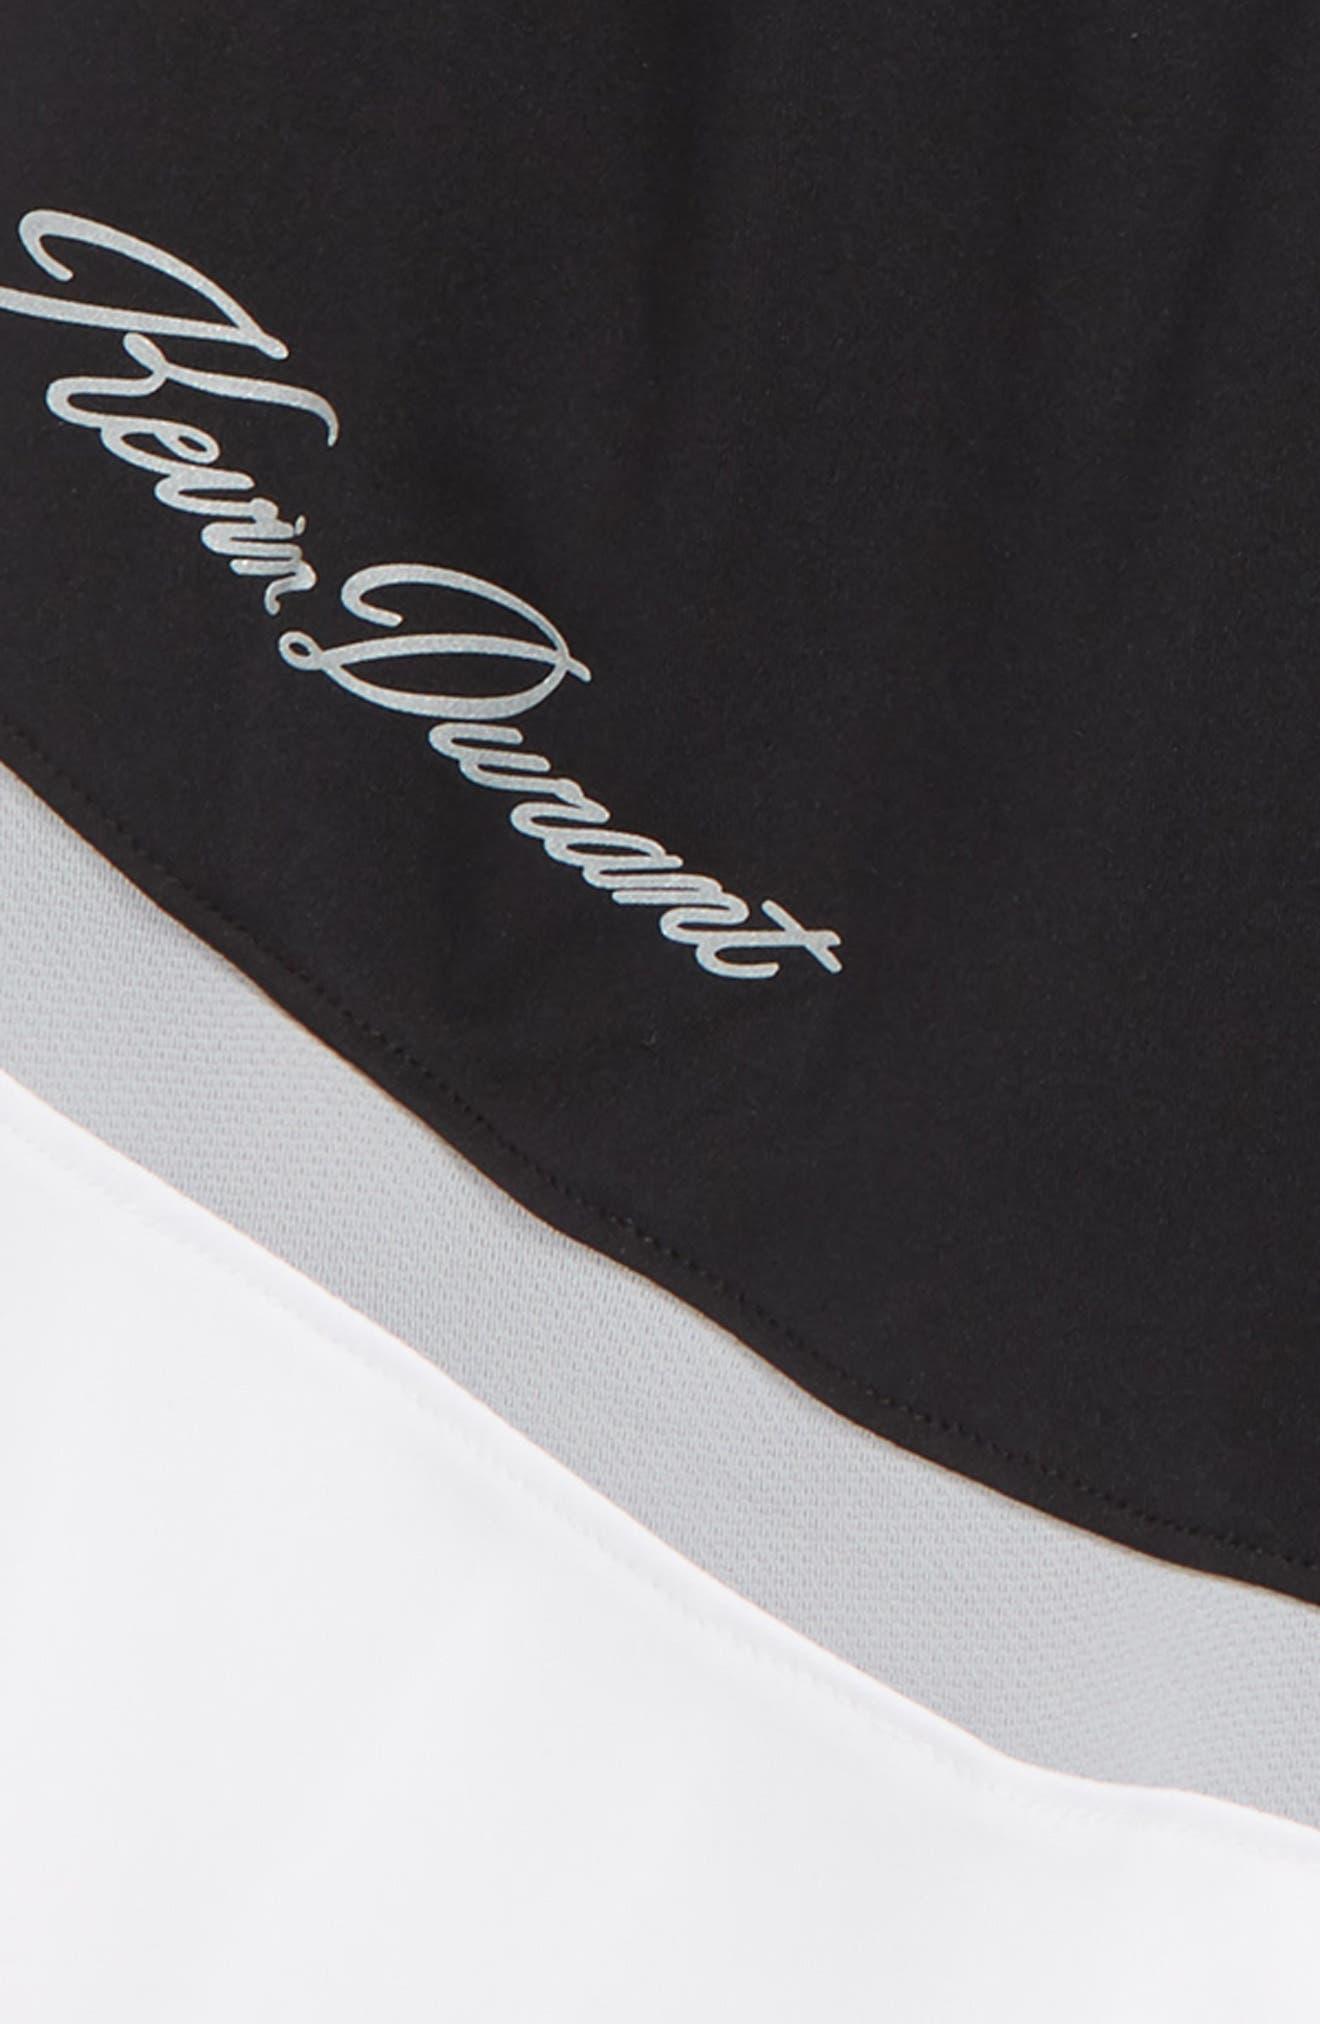 KD Dry Seasonal Shorts,                             Alternate thumbnail 2, color,                             BLACK/ WHITE